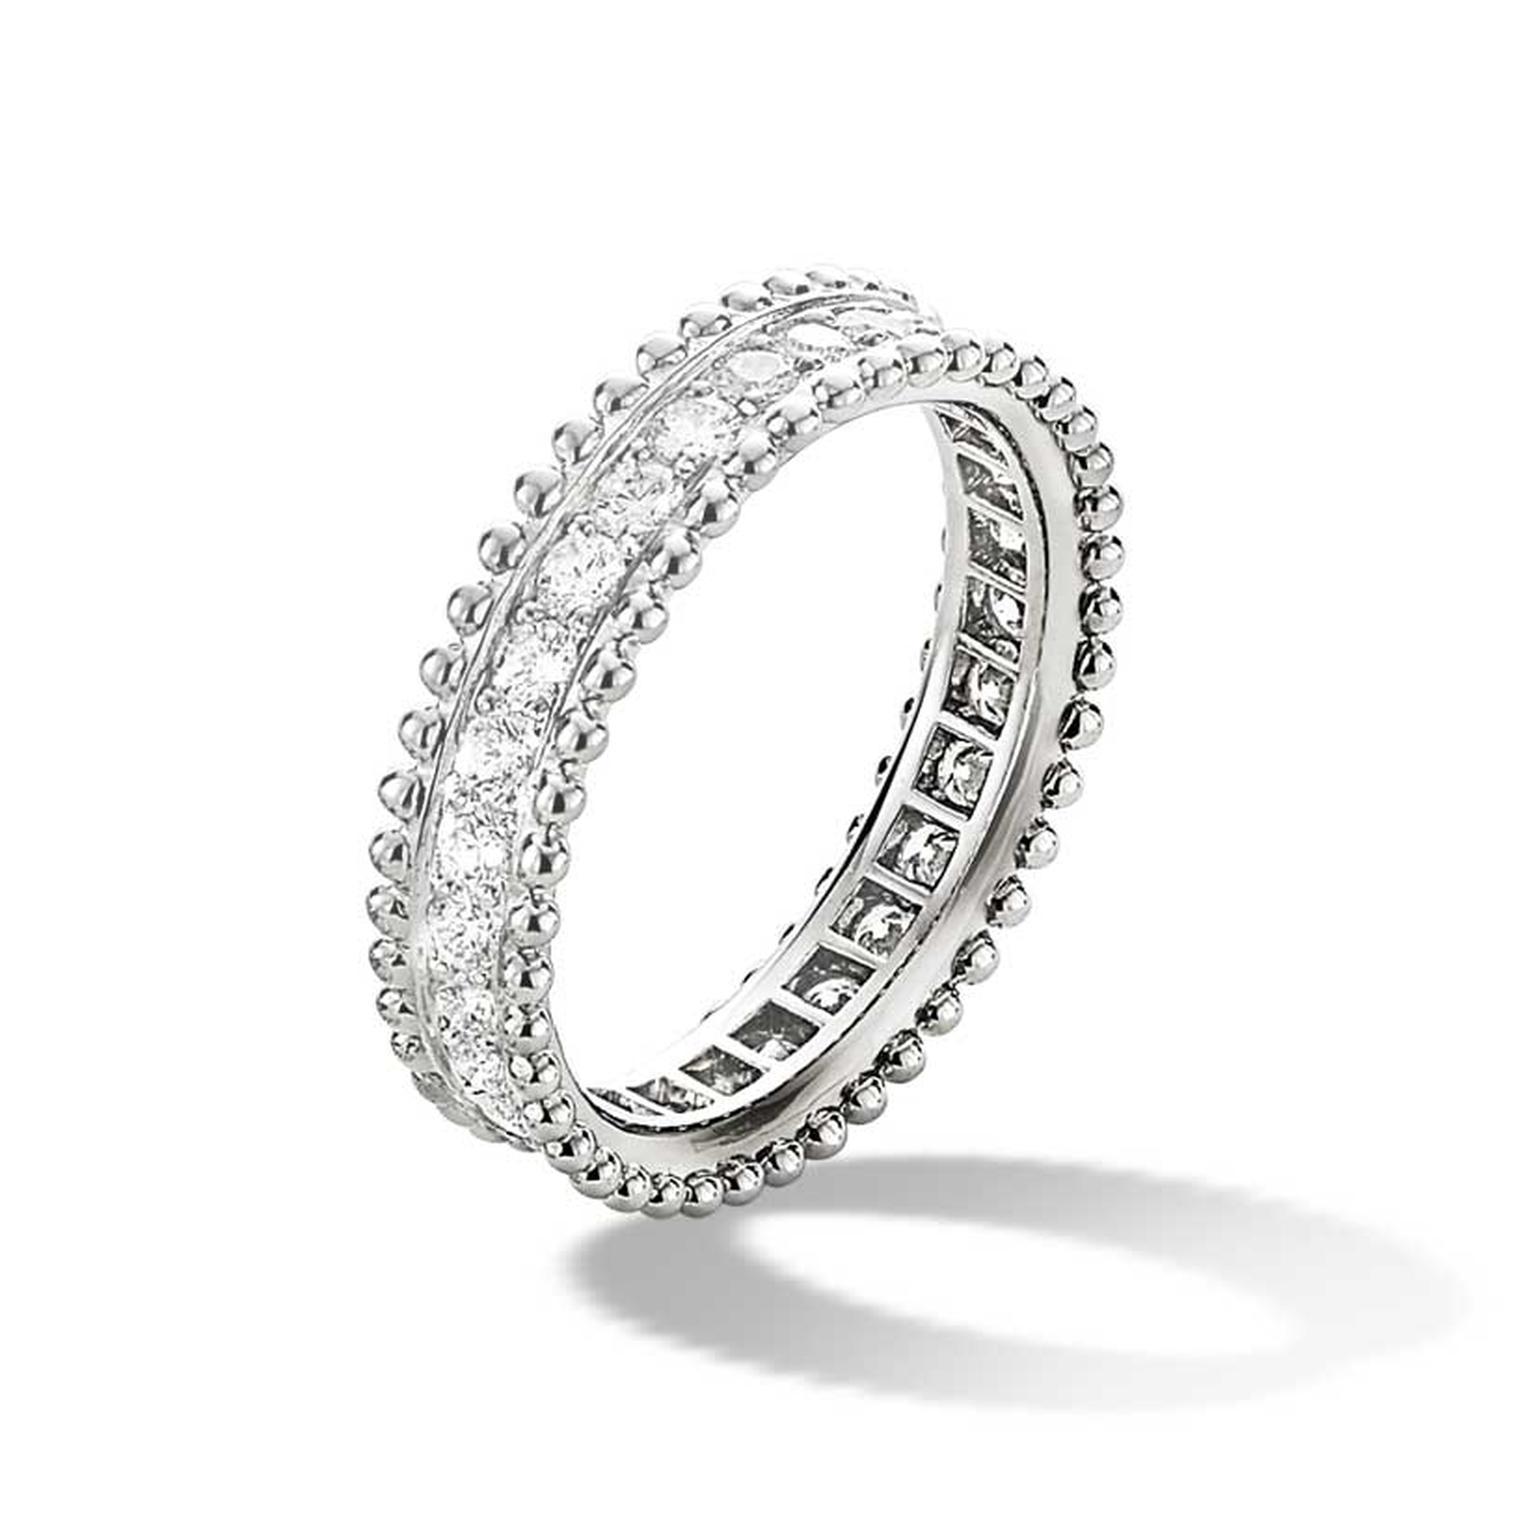 Van Cleef & Arpels Estelle ring in platinum and diamonds